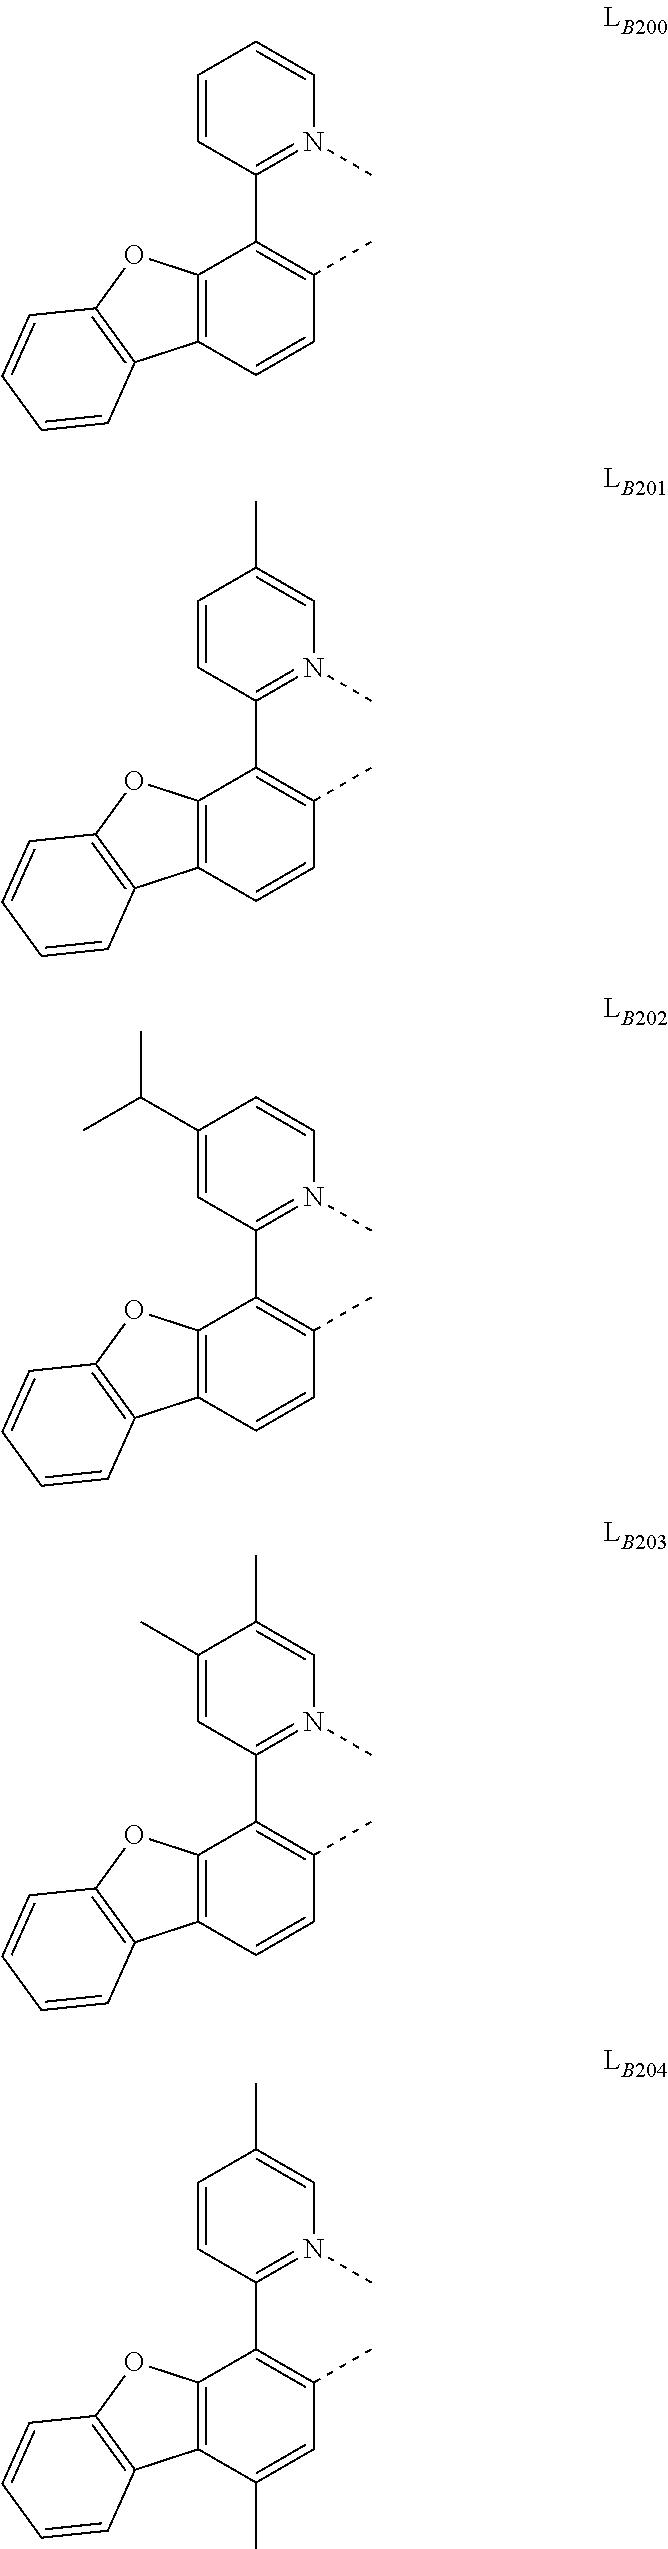 Figure US20180130962A1-20180510-C00300